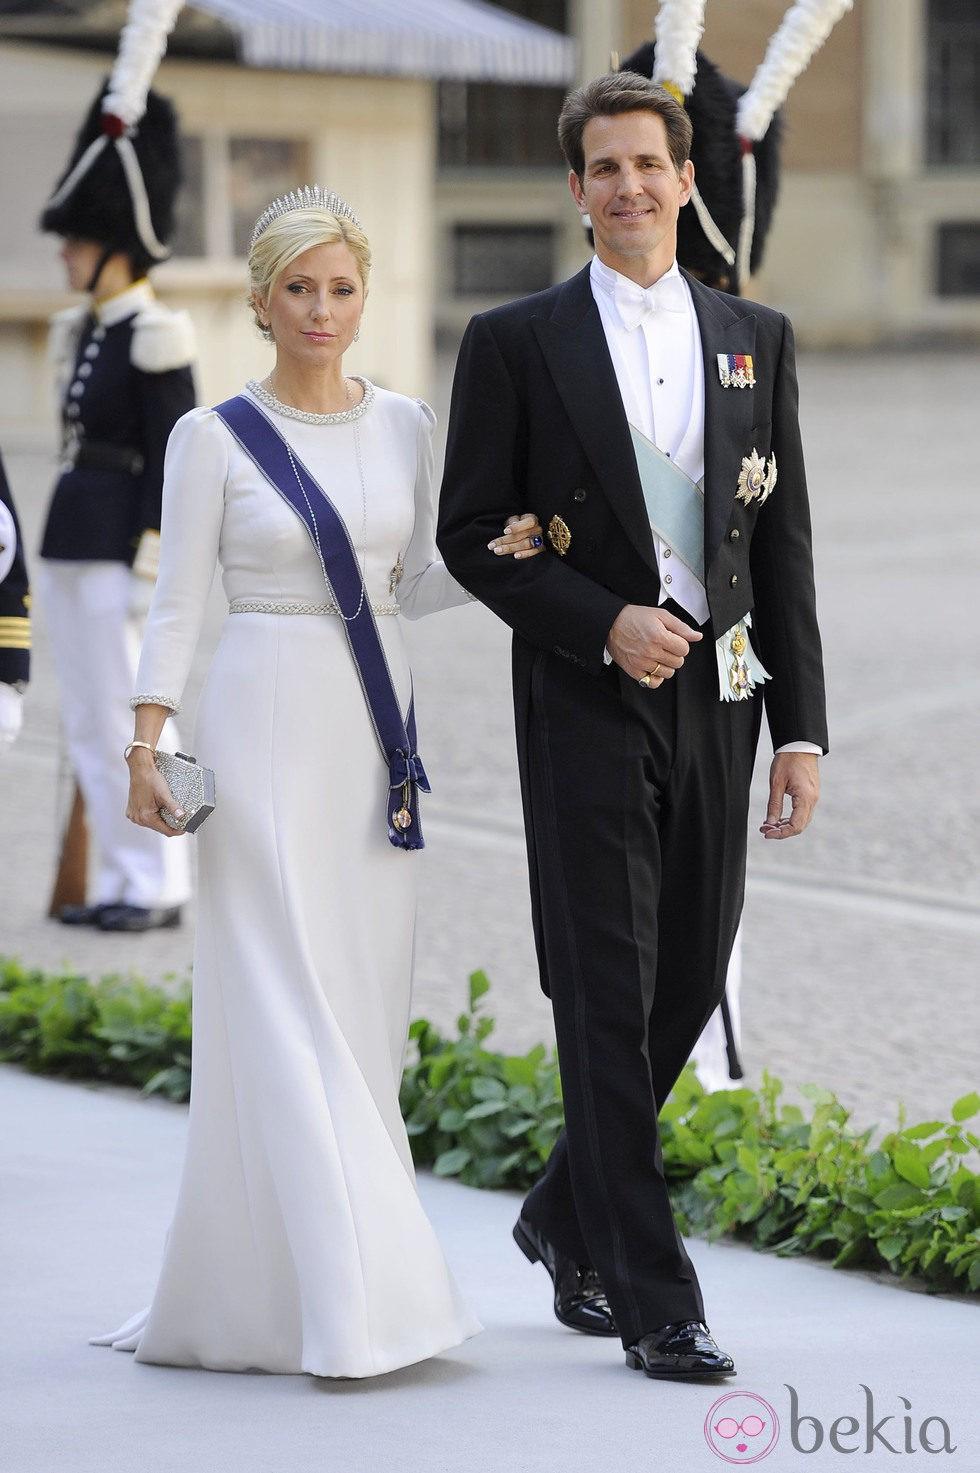 Los Príncipes Pablo y Marie Chantal de Grecia llegando la boda de Magdalena de Suecia y Chris O'Neill